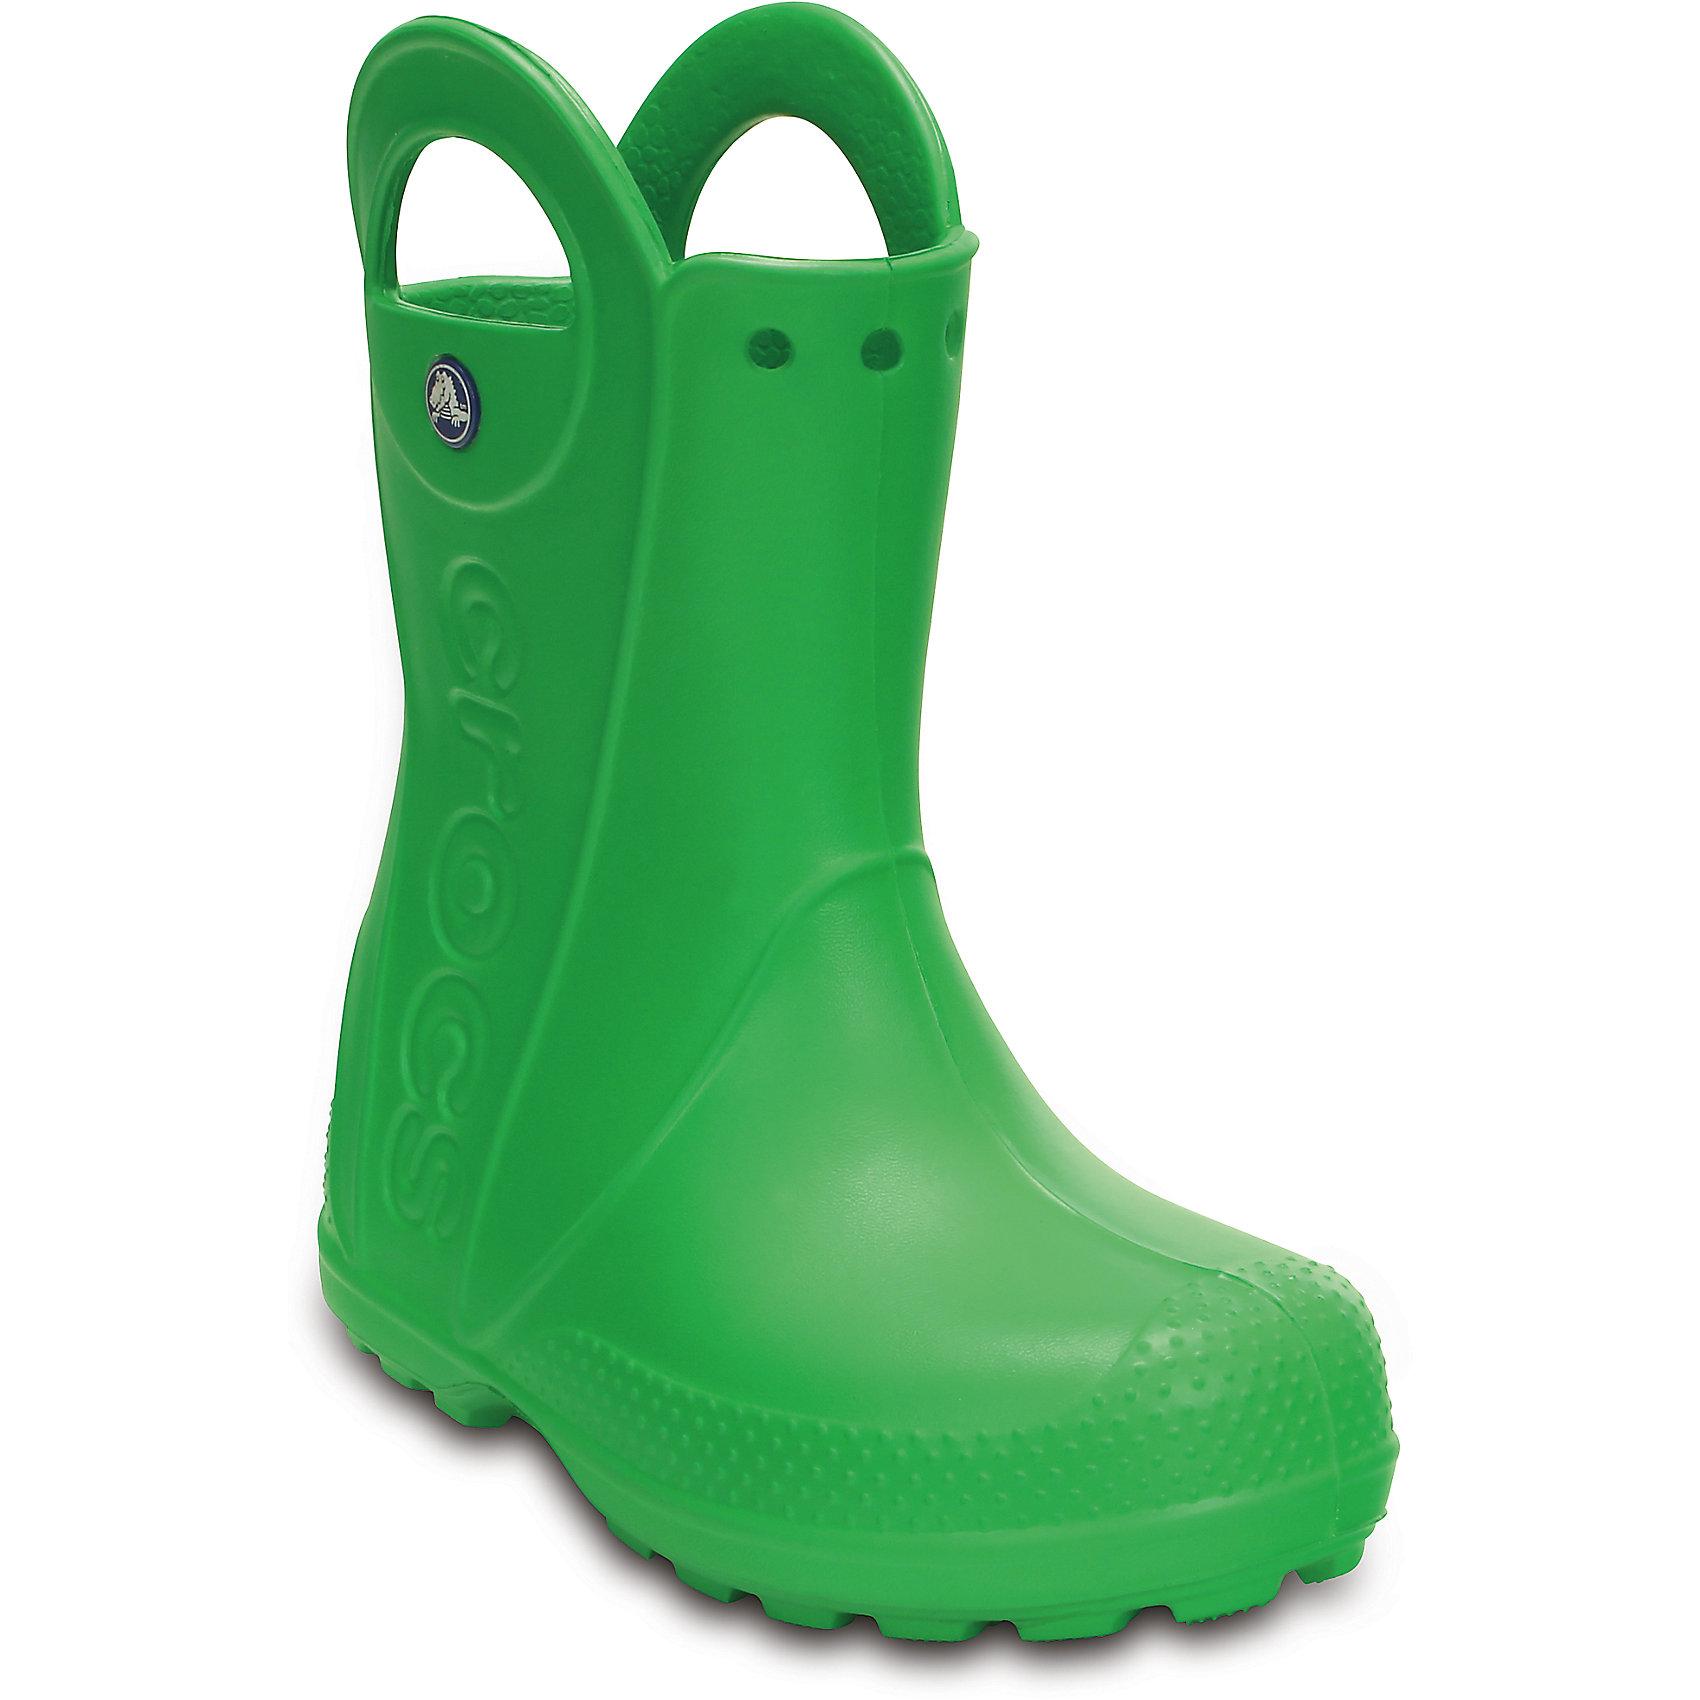 Резиновые сапоги Kids' Handle It Rain Boot CrocsРезиновые сапоги<br>Характеристики товара:<br><br>• цвет: зеленый;<br>• материал: 100% полимер Croslite™<br>• непромокаемые<br>• температурный режим: от 0° до +20° С<br>• легко очищаются<br>• антискользящая подошва<br>• ручки<br>• толстая устойчивая подошва<br>• страна бренда: США<br>• страна изготовитель: Китай<br><br>Сапоги могут быть и стильными, и непромокаемыми! Для детской обуви крайне важно, чтобы она была удобной. Такие сапоги обеспечивают детям необходимый комфорт, а надежный материал не пропускает внутрь воду. Сапоги легко надеваются и снимаются, отлично сидят на ноге. Материал, из которого они сделаны, не дает размножаться бактериям, поэтому такая обувь препятствует образованию неприятного запаха и появлению болезней стоп. Данная модель особенно понравится детям - ведь в них можно бегать по лужам!<br>Обувь от американского бренда Crocs в данный момент завоевала широкую популярность во всем мире, и это не удивительно - ведь она невероятно удобна. Её носят врачи, спортсмены, звёзды шоу-бизнеса, люди, которым много времени приходится бывать на ногах - они понимают, как важна комфортная обувь. Продукция Crocs - это качественные товары, созданные с применением новейших технологий. Обувь отличается стильным дизайном и продуманной конструкцией. Изделие производится из качественных и проверенных материалов, которые безопасны для детей.<br><br>Резиновые сапоги от торговой марки Crocs можно купить в нашем интернет-магазине.<br><br>Ширина мм: 257<br>Глубина мм: 180<br>Высота мм: 130<br>Вес г: 420<br>Цвет: зеленый<br>Возраст от месяцев: 36<br>Возраст до месяцев: 48<br>Пол: Унисекс<br>Возраст: Детский<br>Размер: 27,24,31/32,32,26,23,25,34,33,30,29,28<br>SKU: 4226504